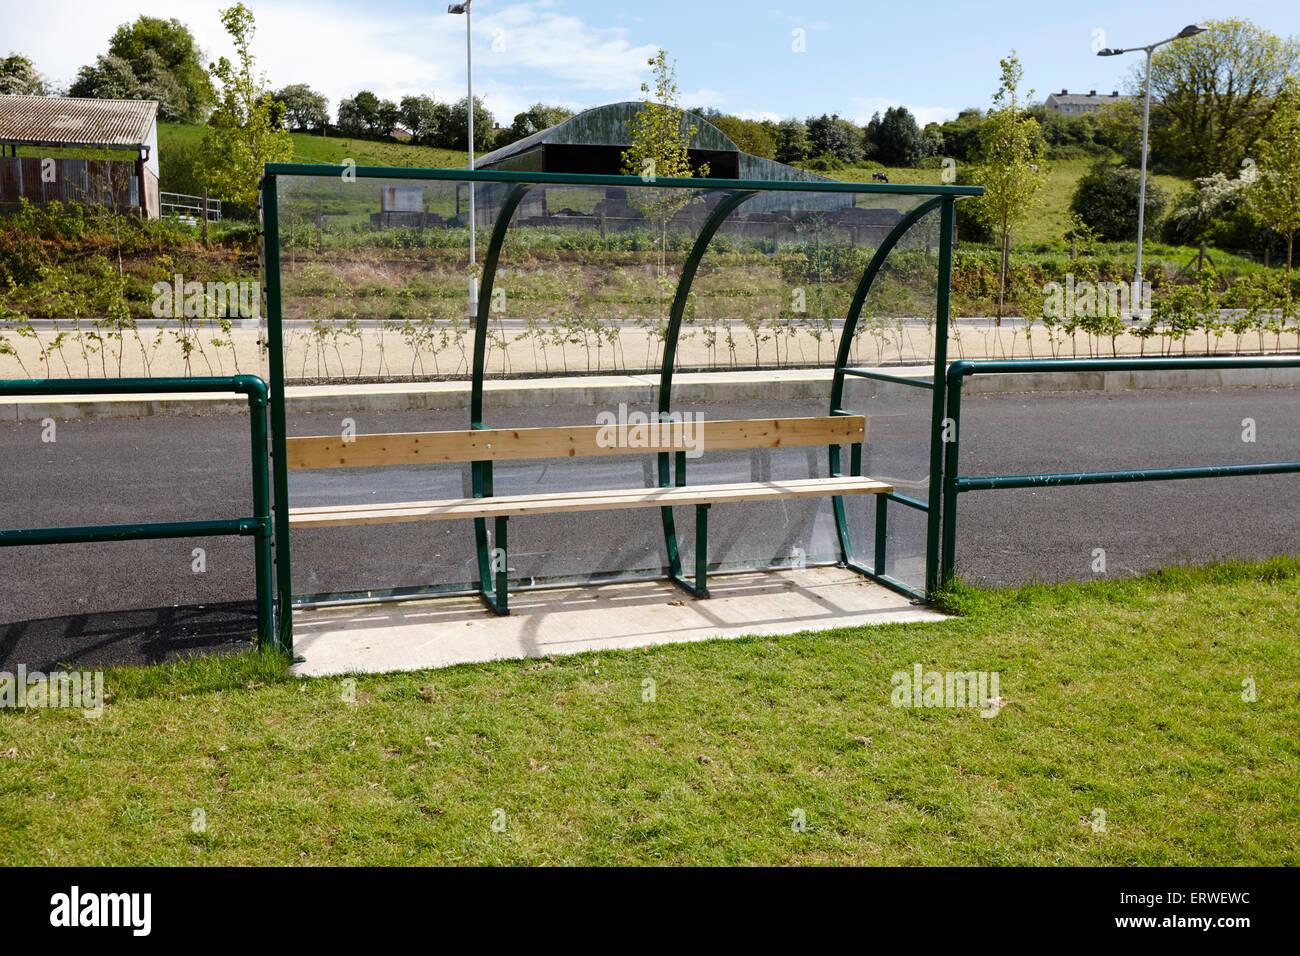 Equipo pequeño banquillo bancos en una comunidad local, campo de deportes, condado de Monaghan república Imagen De Stock